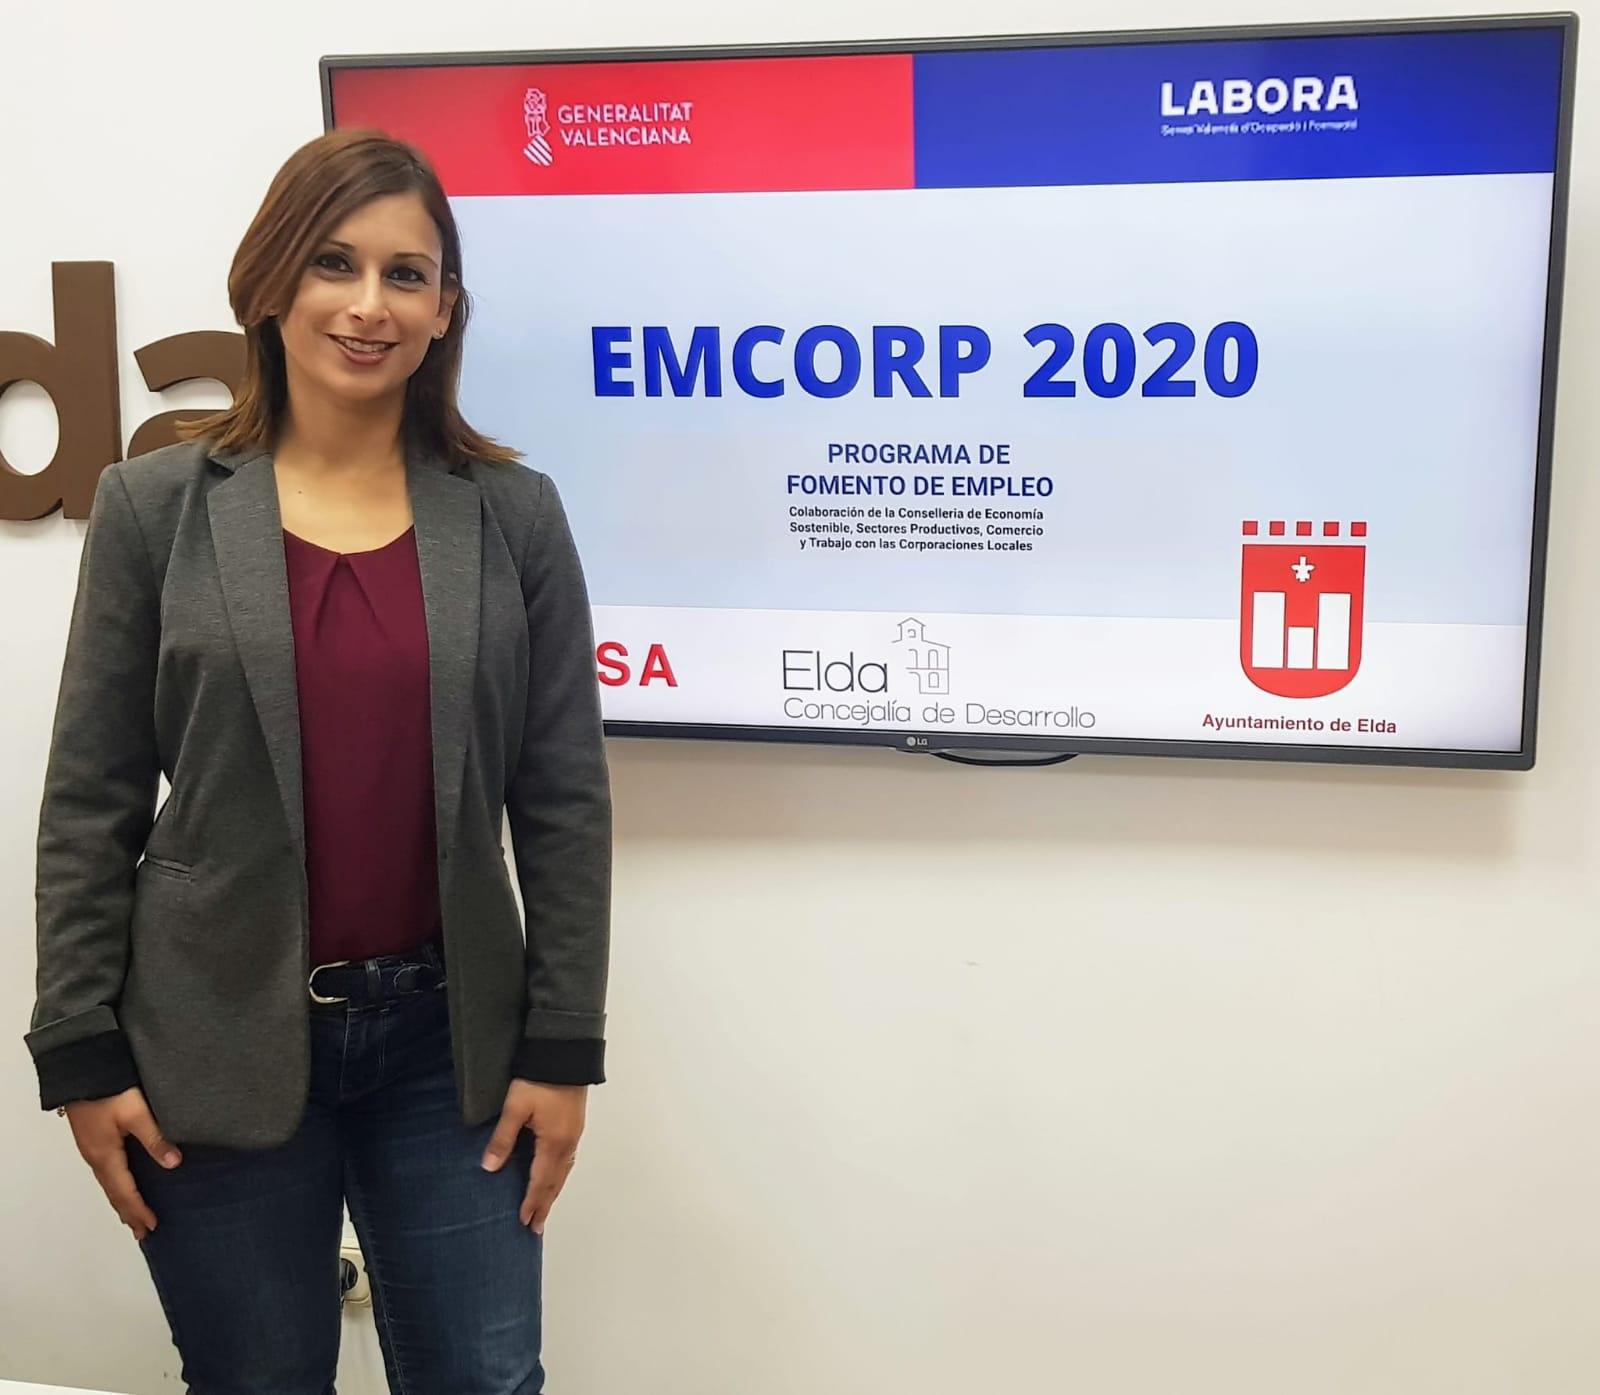 El Ayuntamiento de Elda da a conocer los perfiles laborales de las 15 personas que podrá contratar durante seis meses con los fondos Emcorp 2020 de la Generalitat